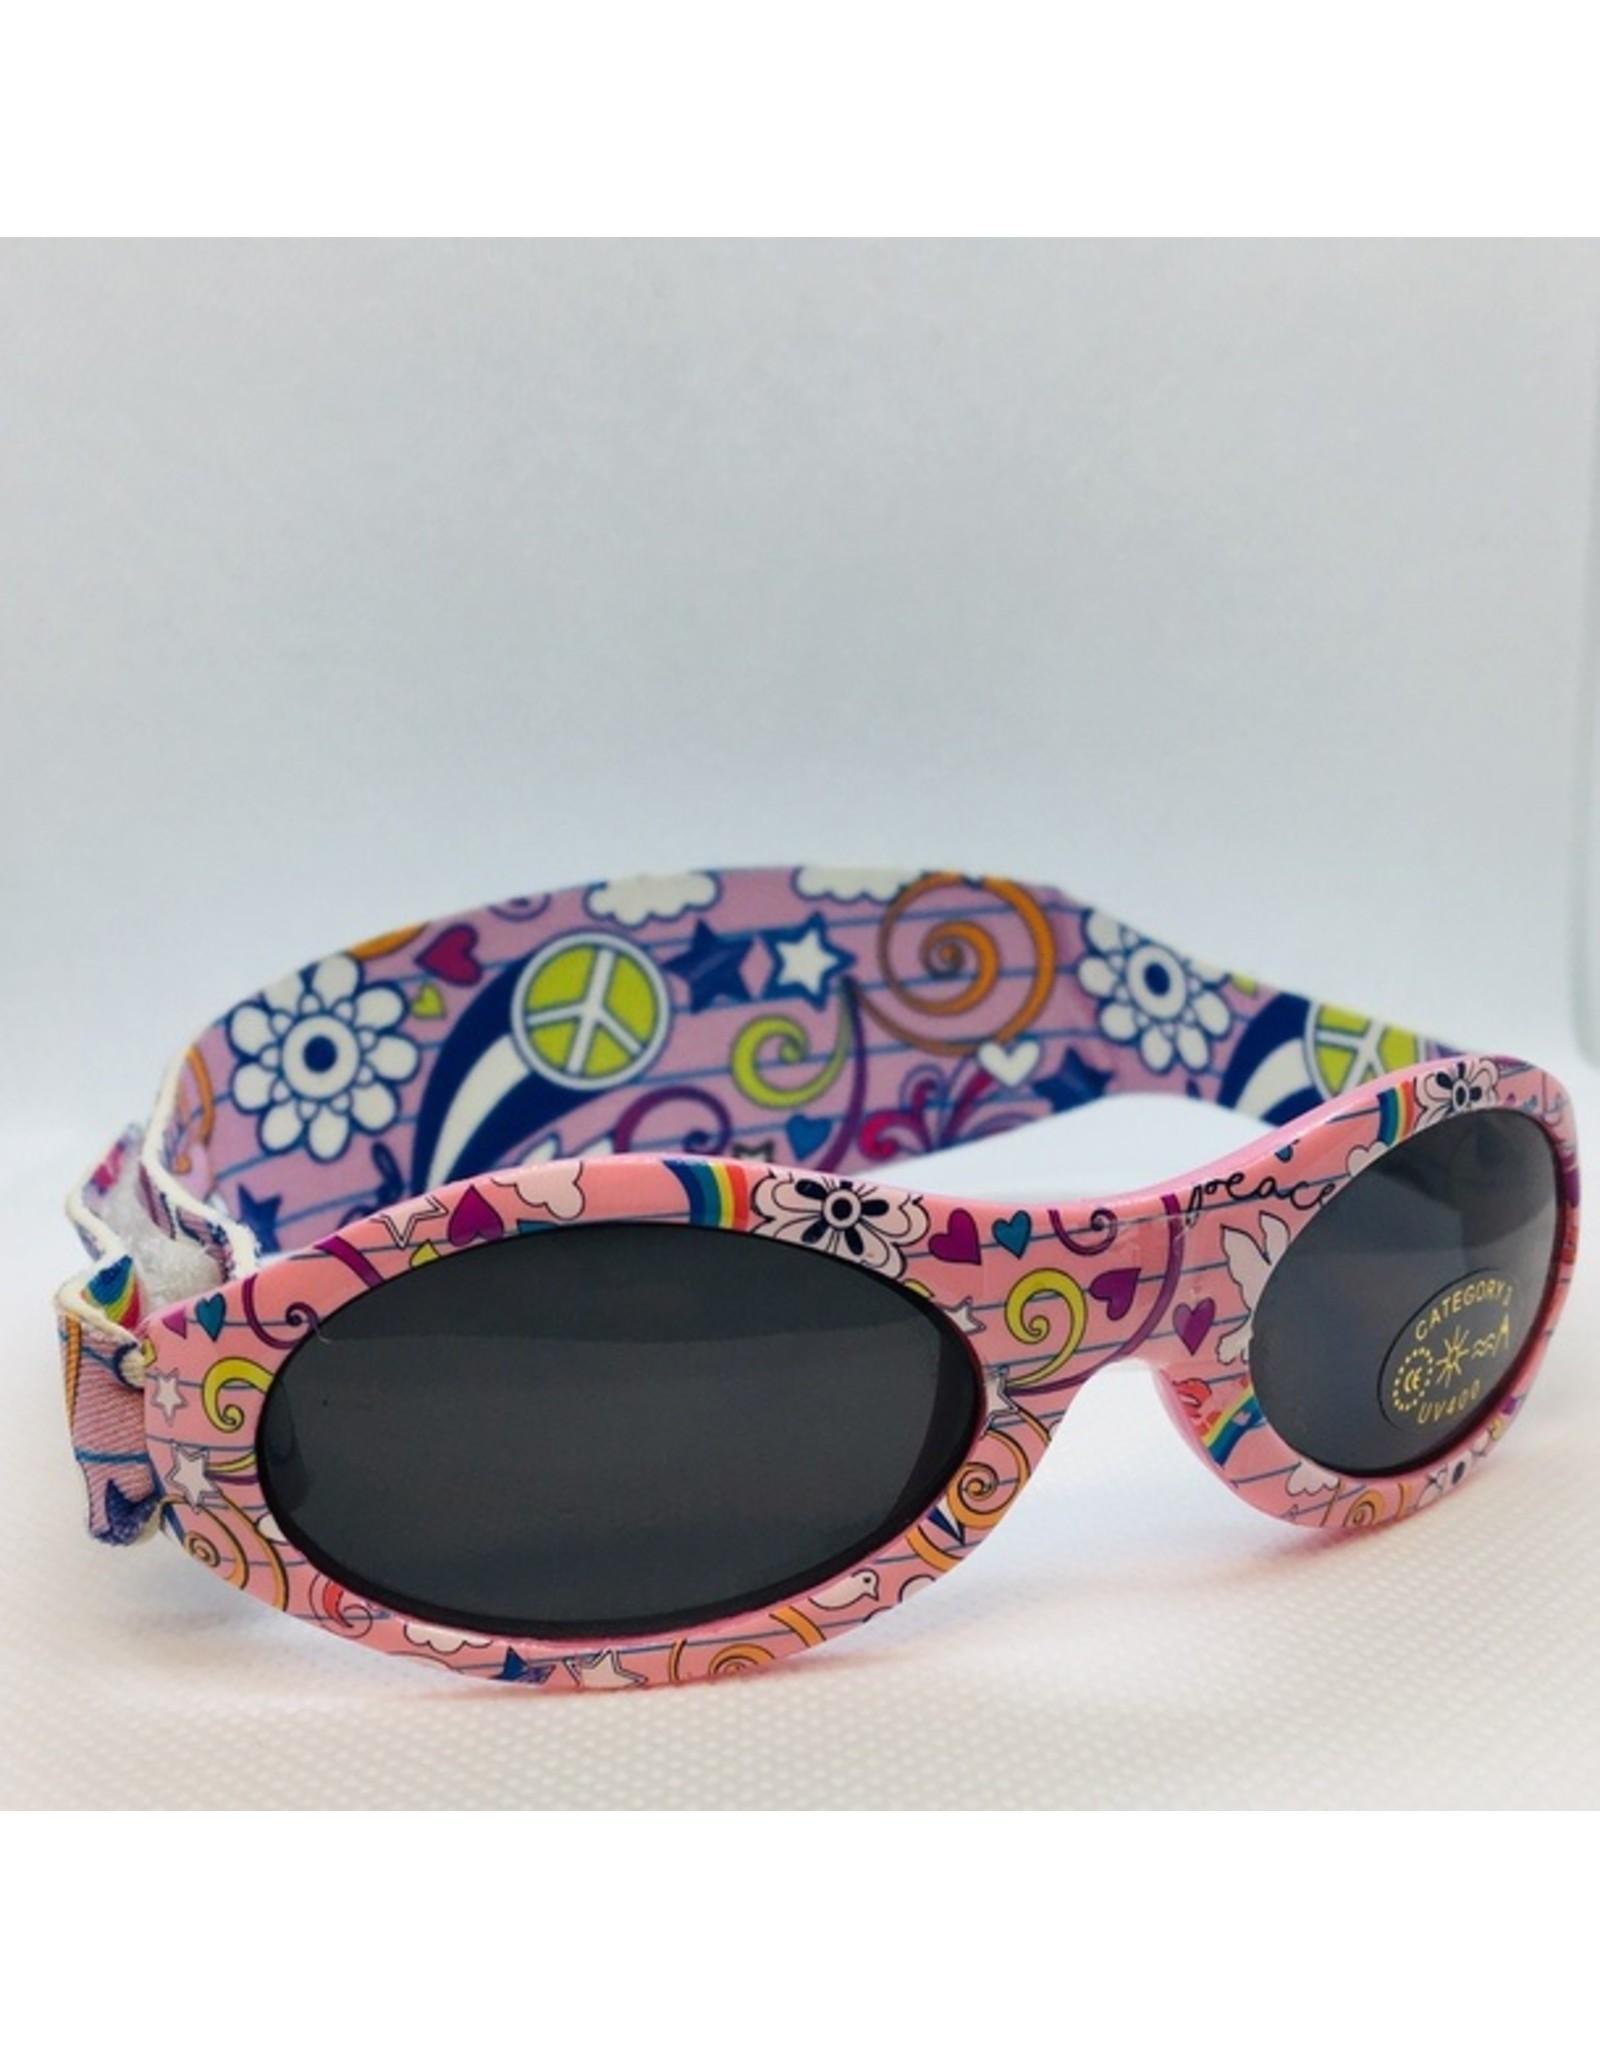 Banz Banz Bubzee Sunglasses- Peace